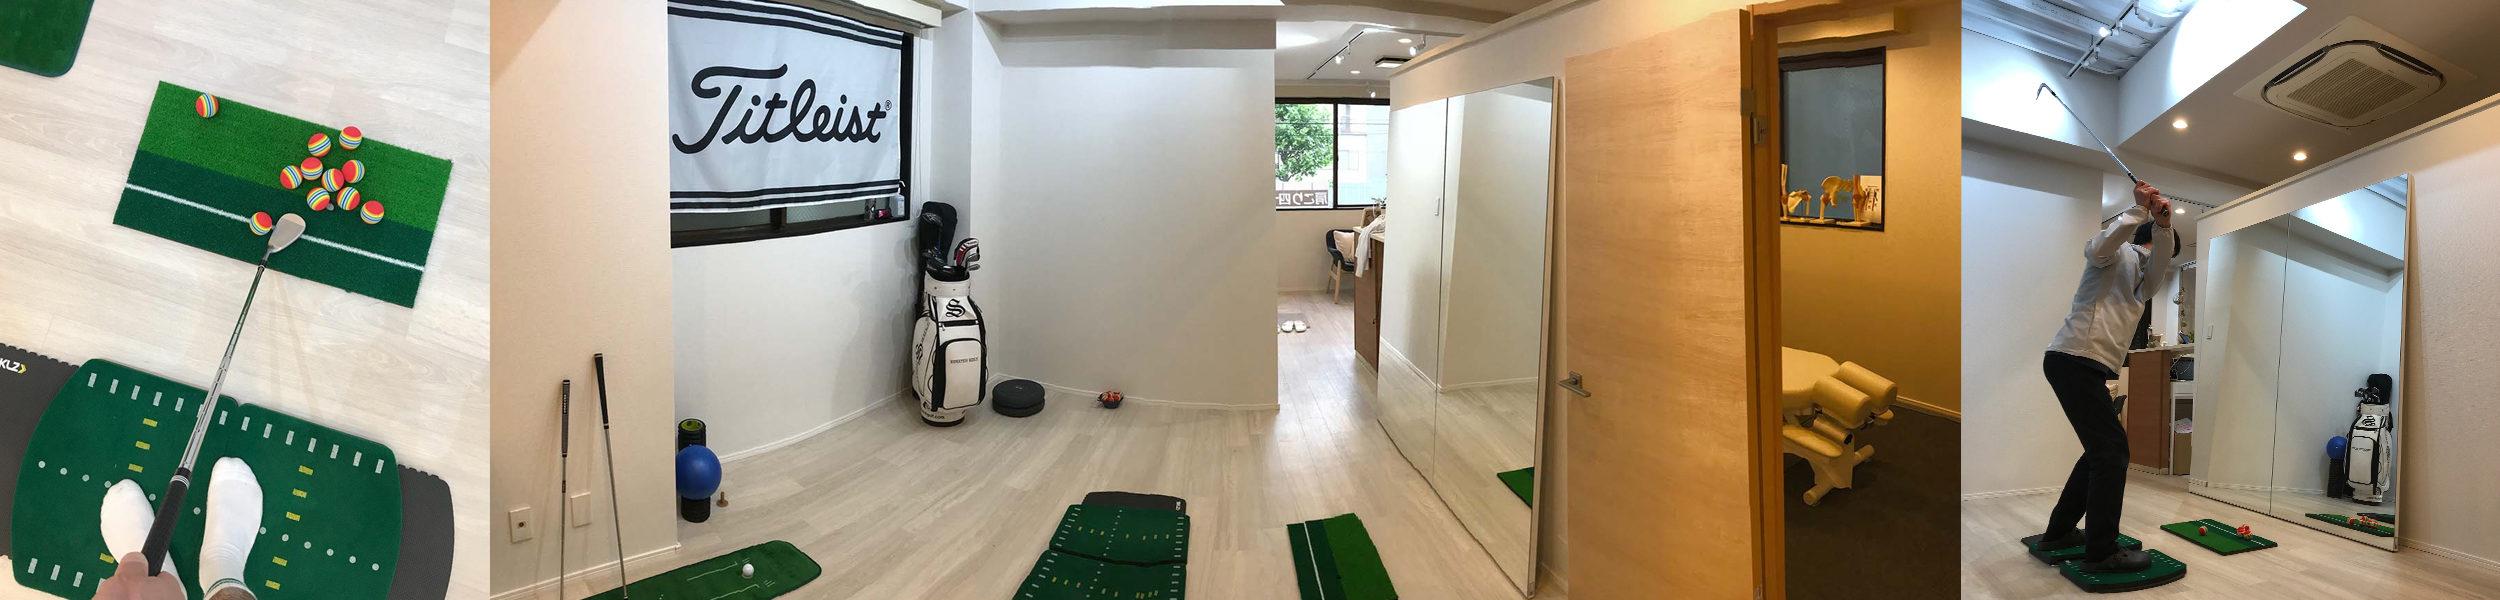 ゴルフ整体 肩こり 腰痛  鍼灸 中央区のキーポイント 築地治療センター